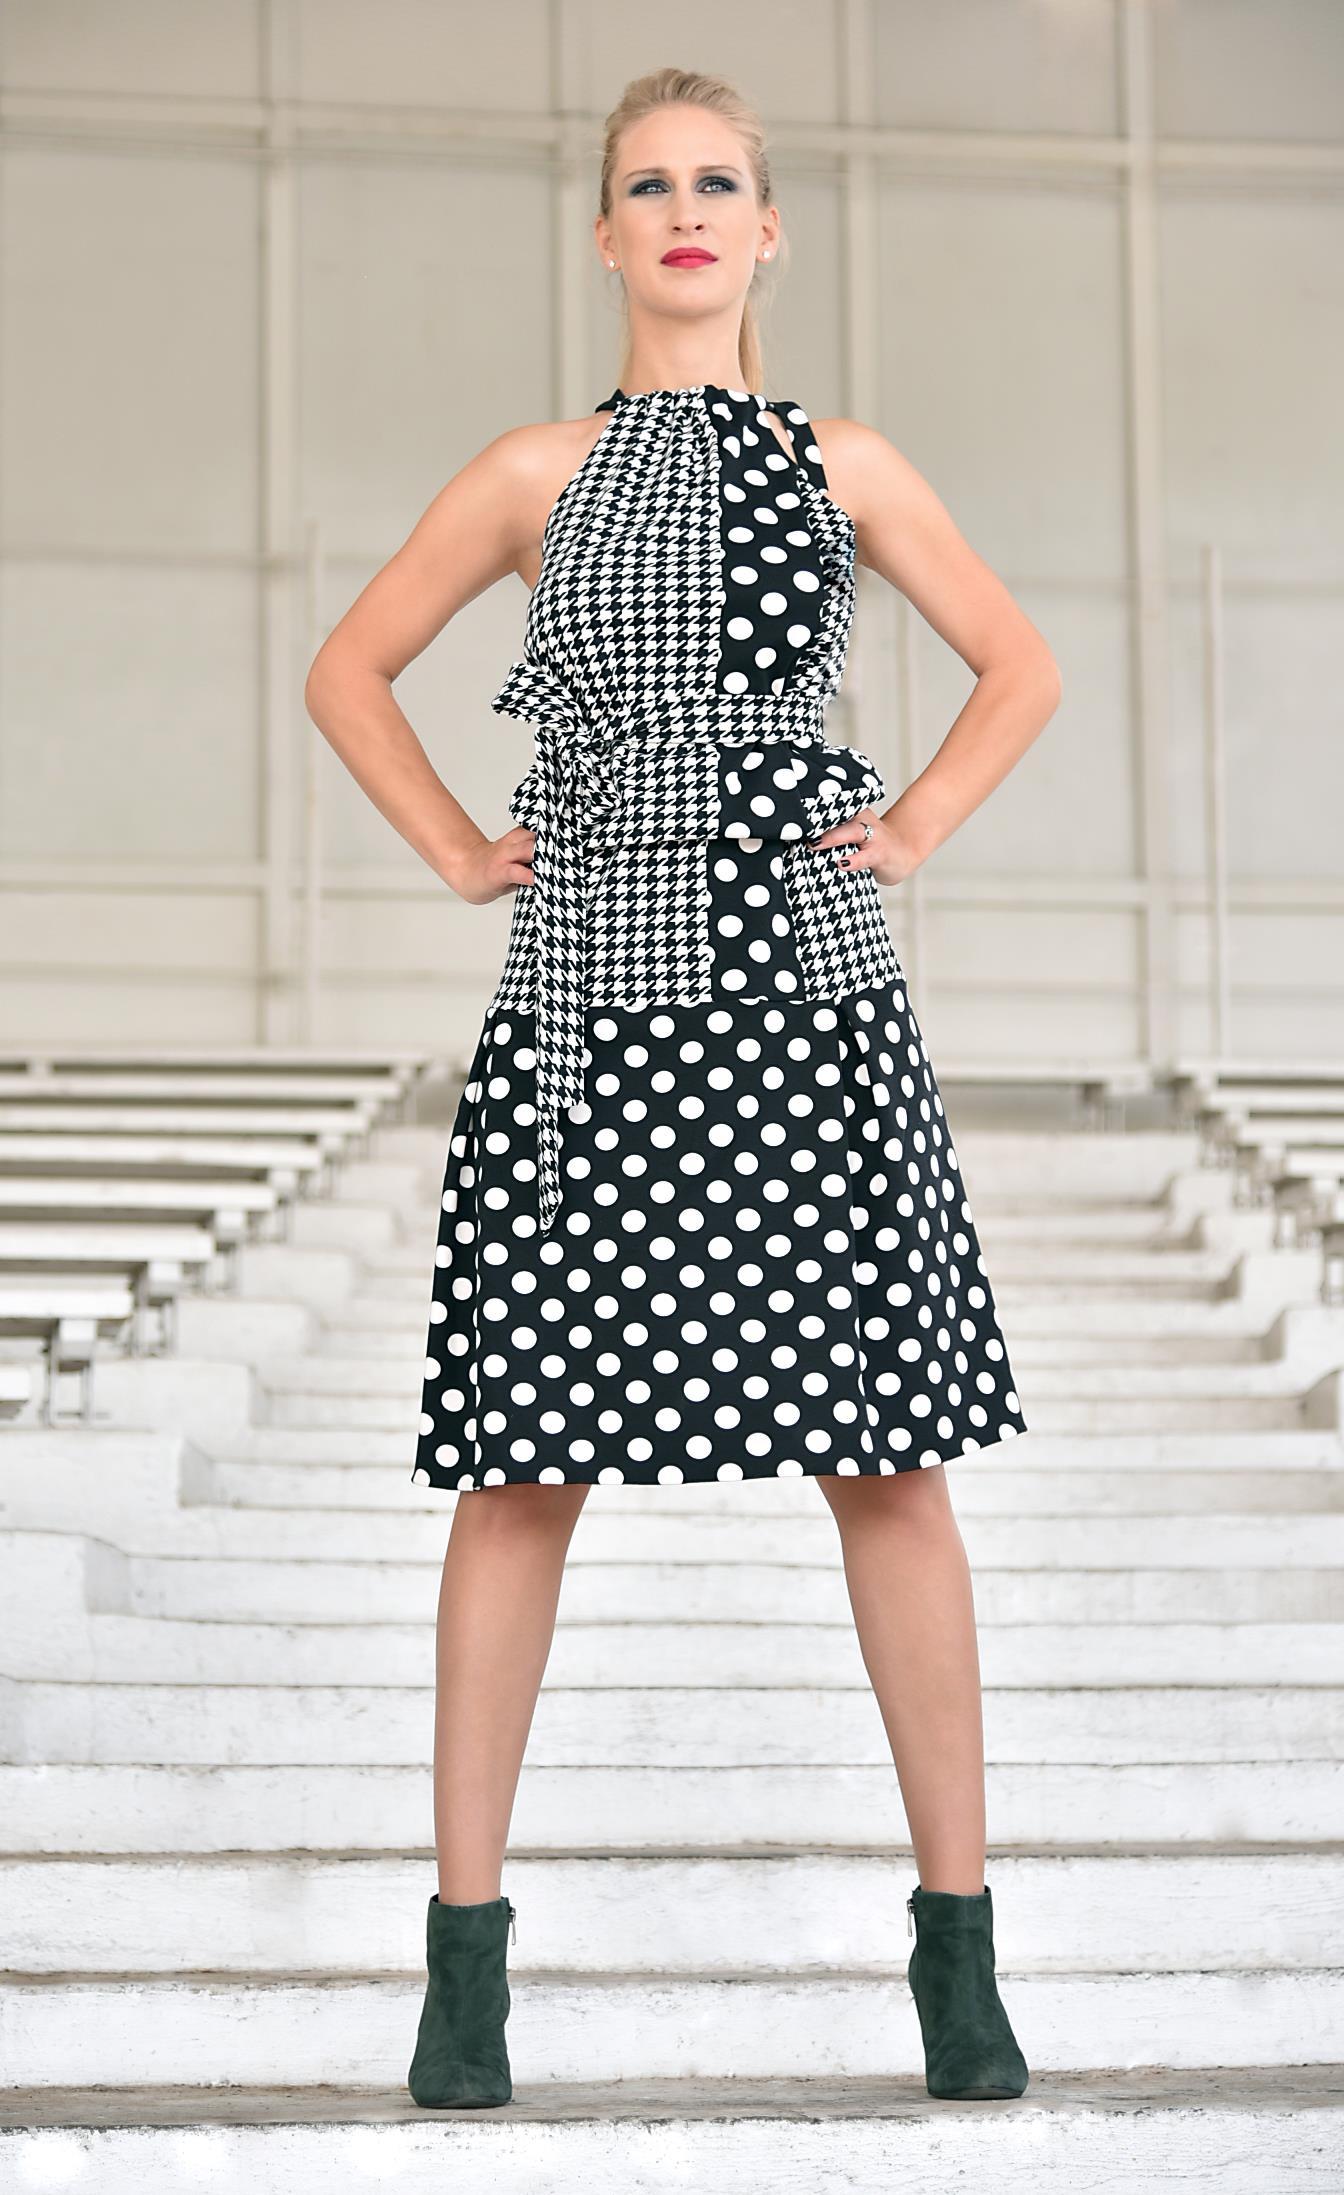 Fotografie pro model – Krátké šaty puntík apepito